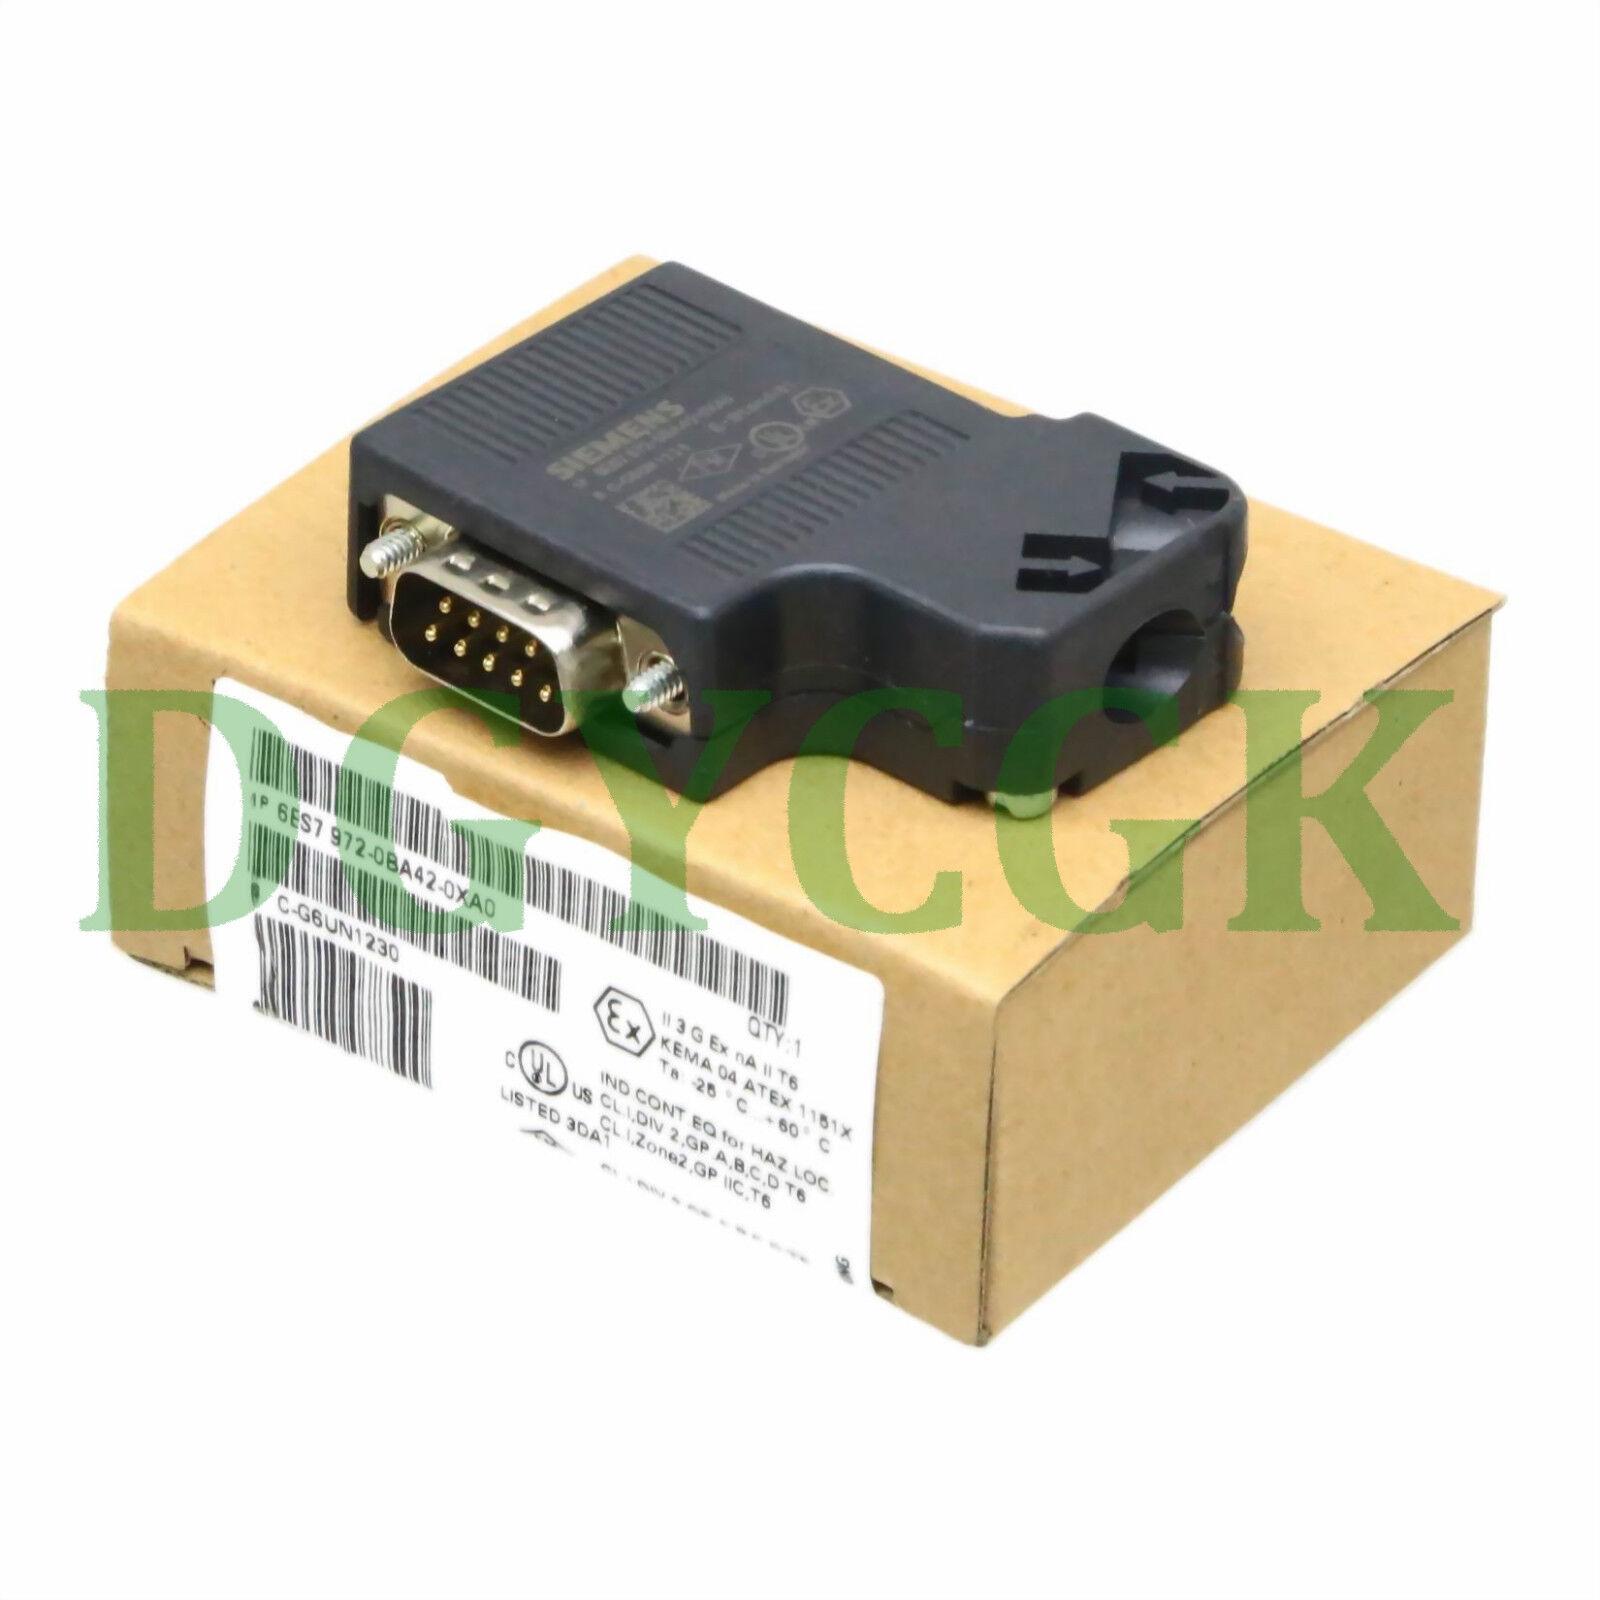 6ES7972-0BA42-0XA0 6ES7 972 for siemens Profibus Bus connector 35°